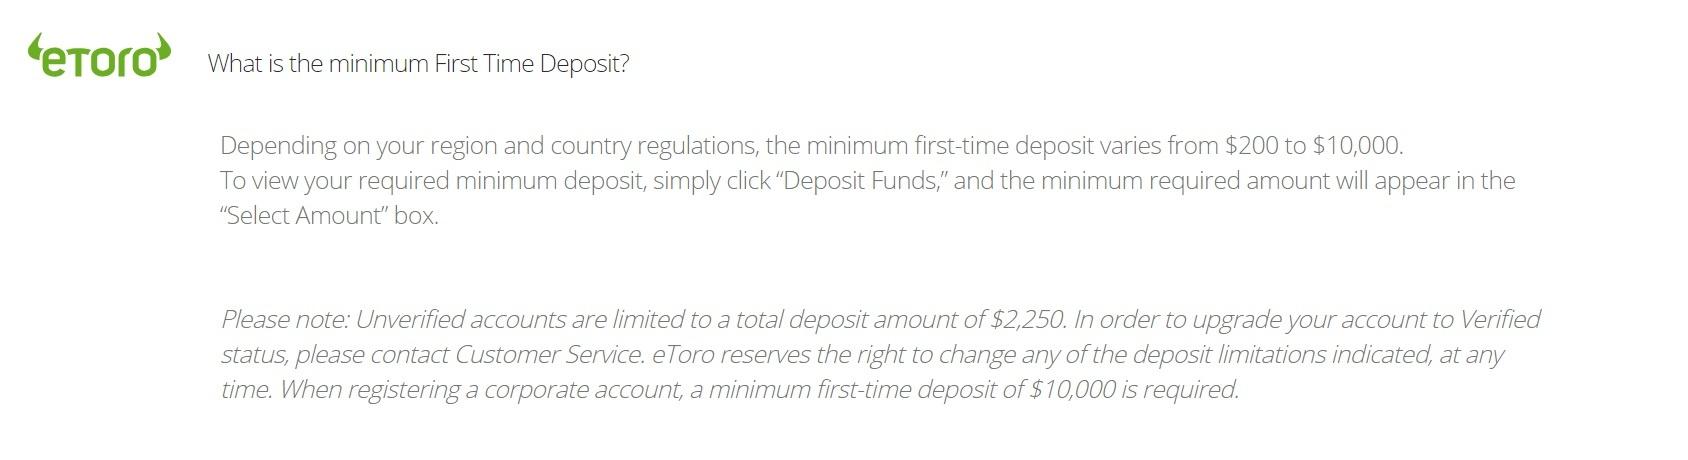 etoro initial deposit